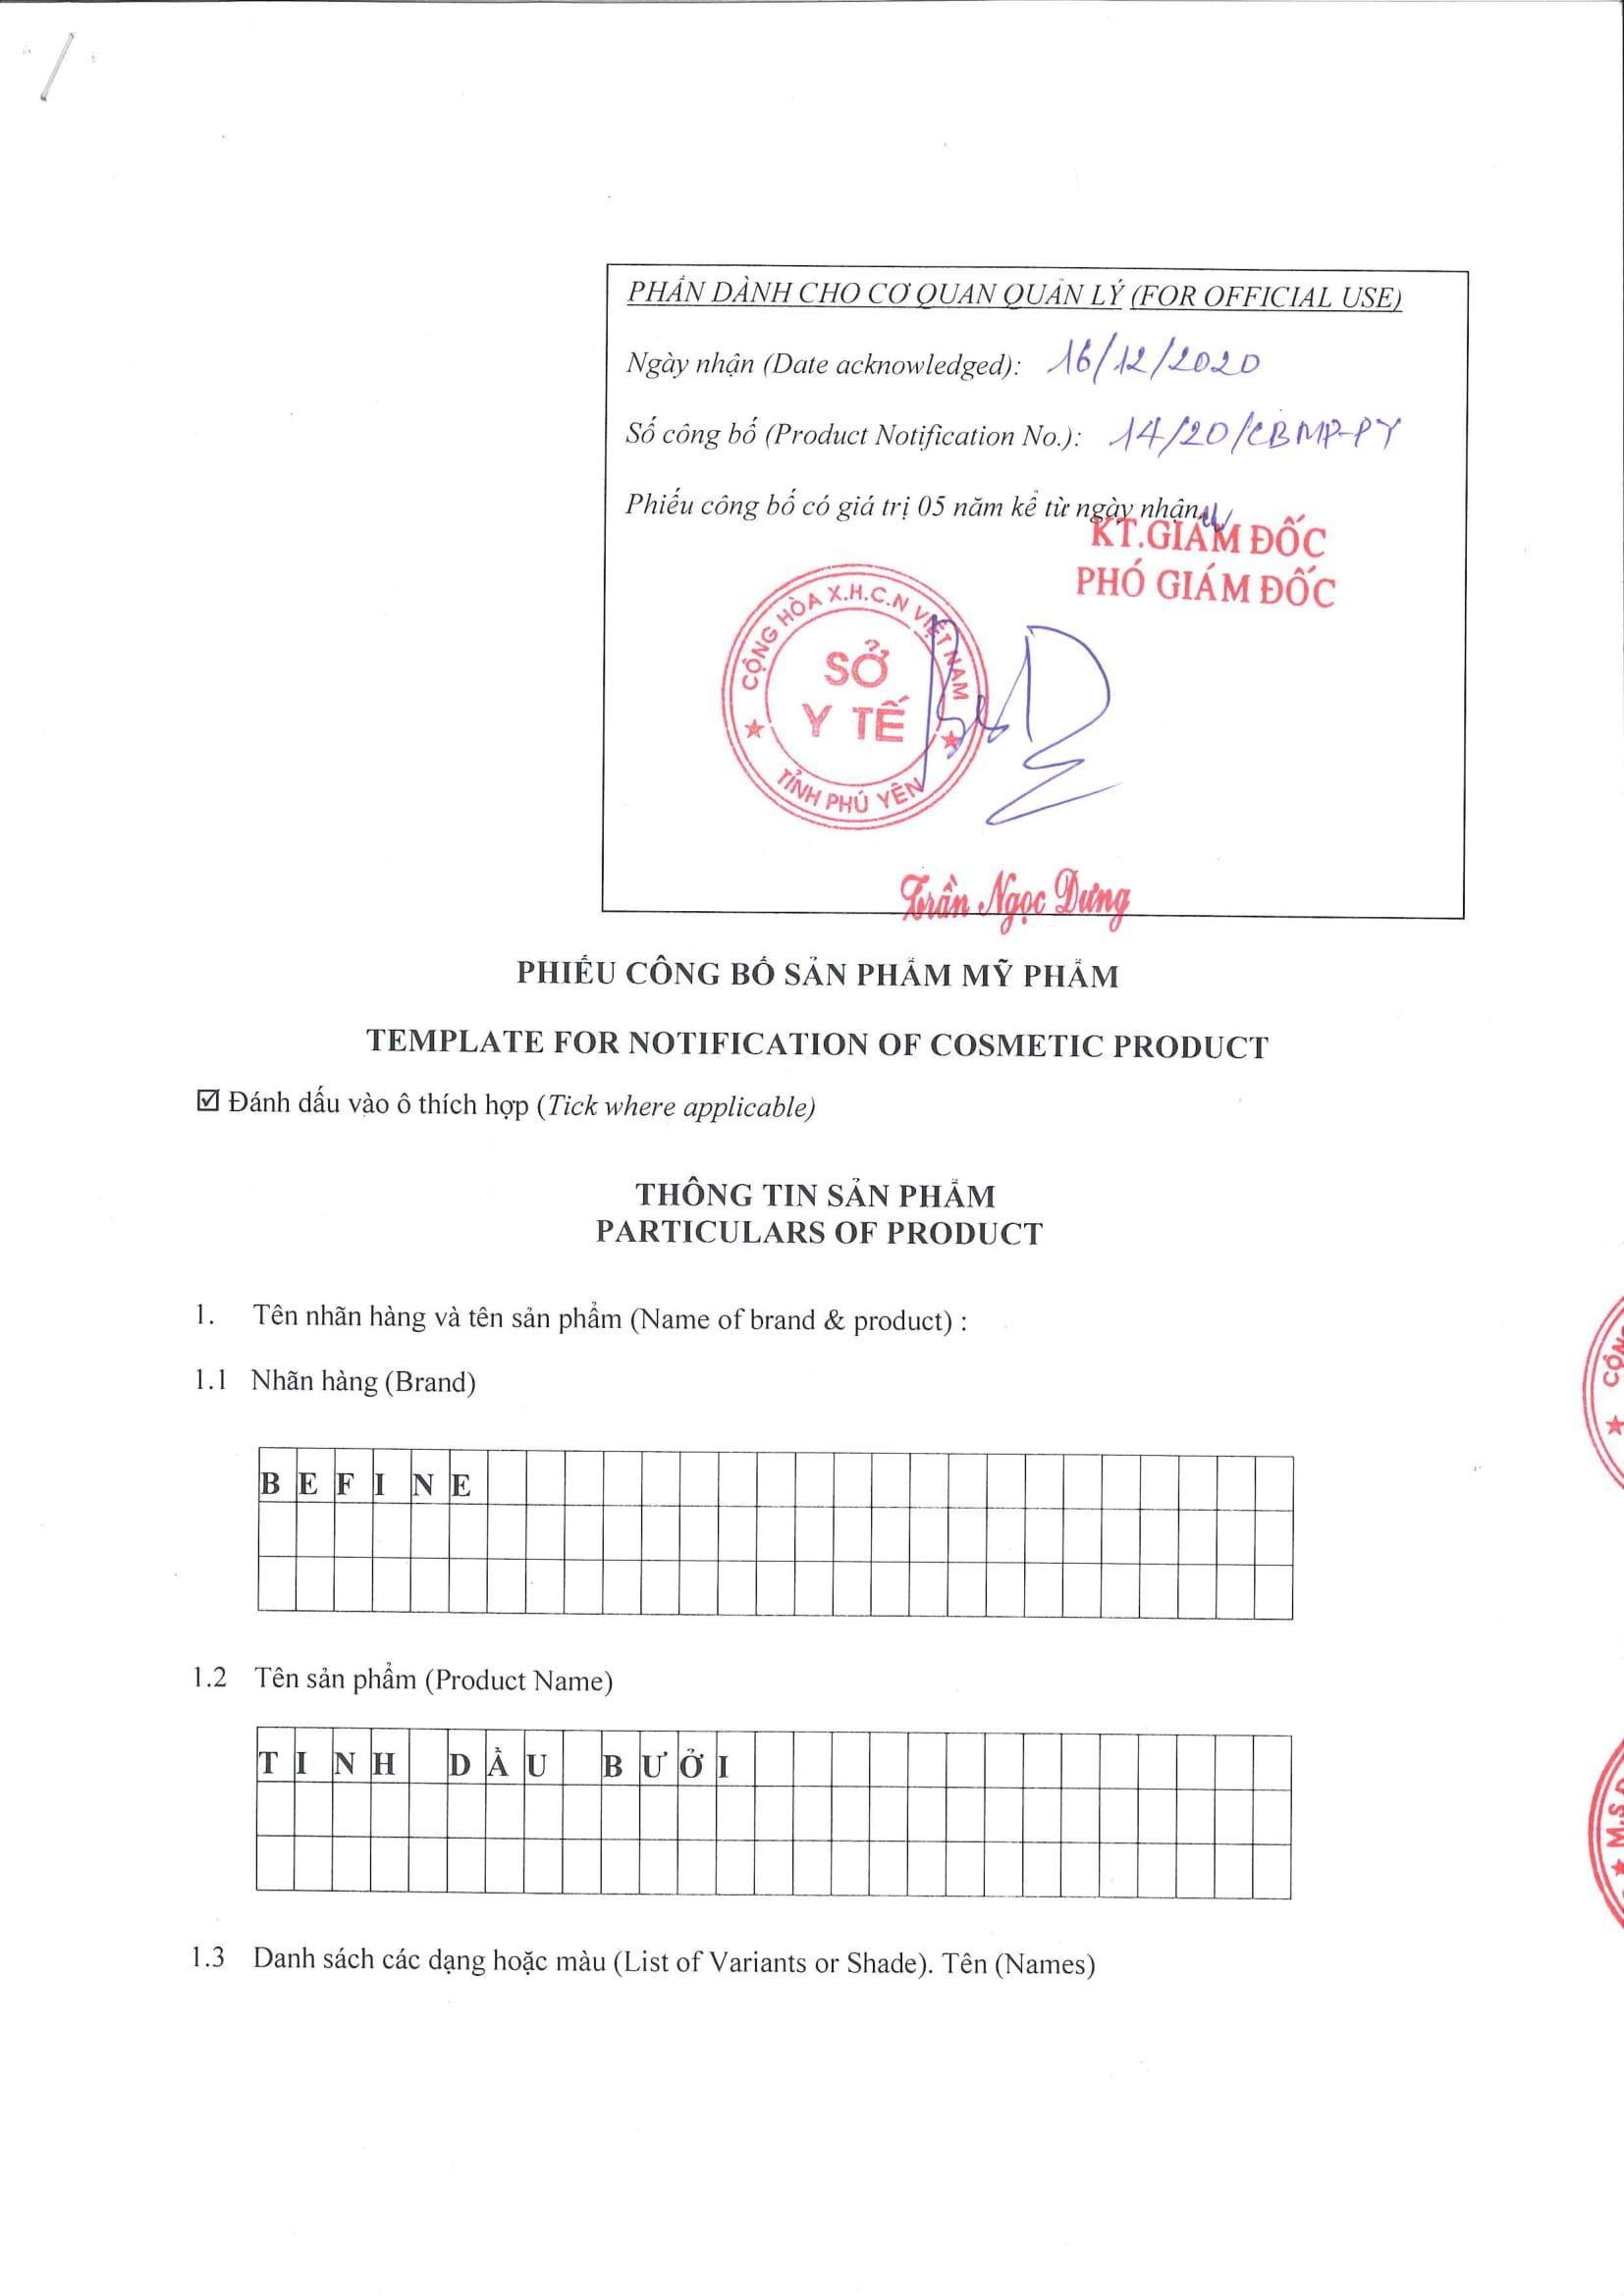 Bản công bố tiêu chuẩn mỹ phẩm của tinh dầu bưởi Befine